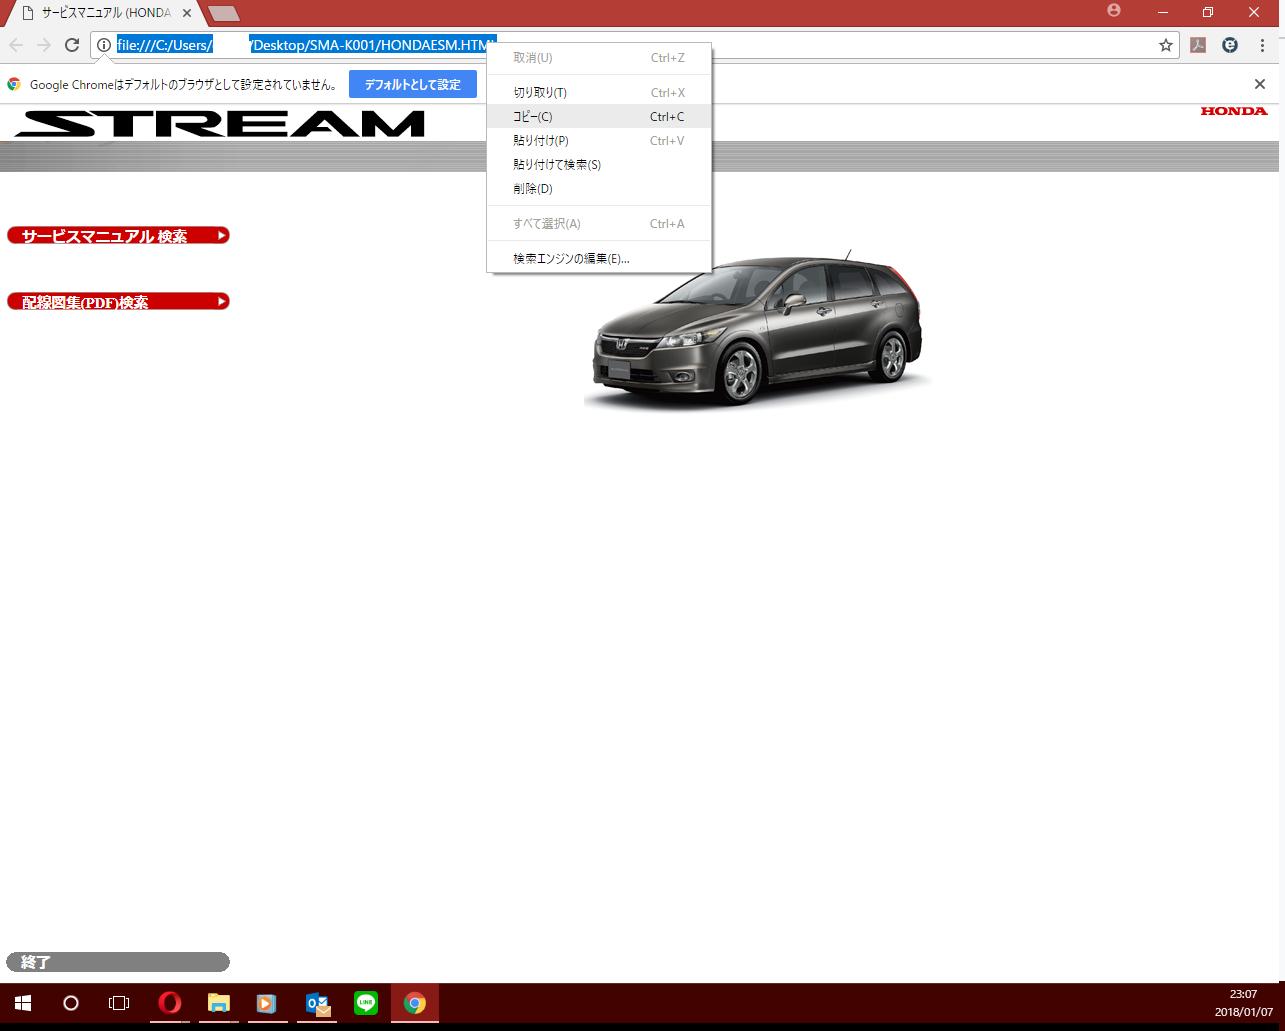 ホンダの型落ち車向け CD-ROMのサービスマニュアルを閲覧する4